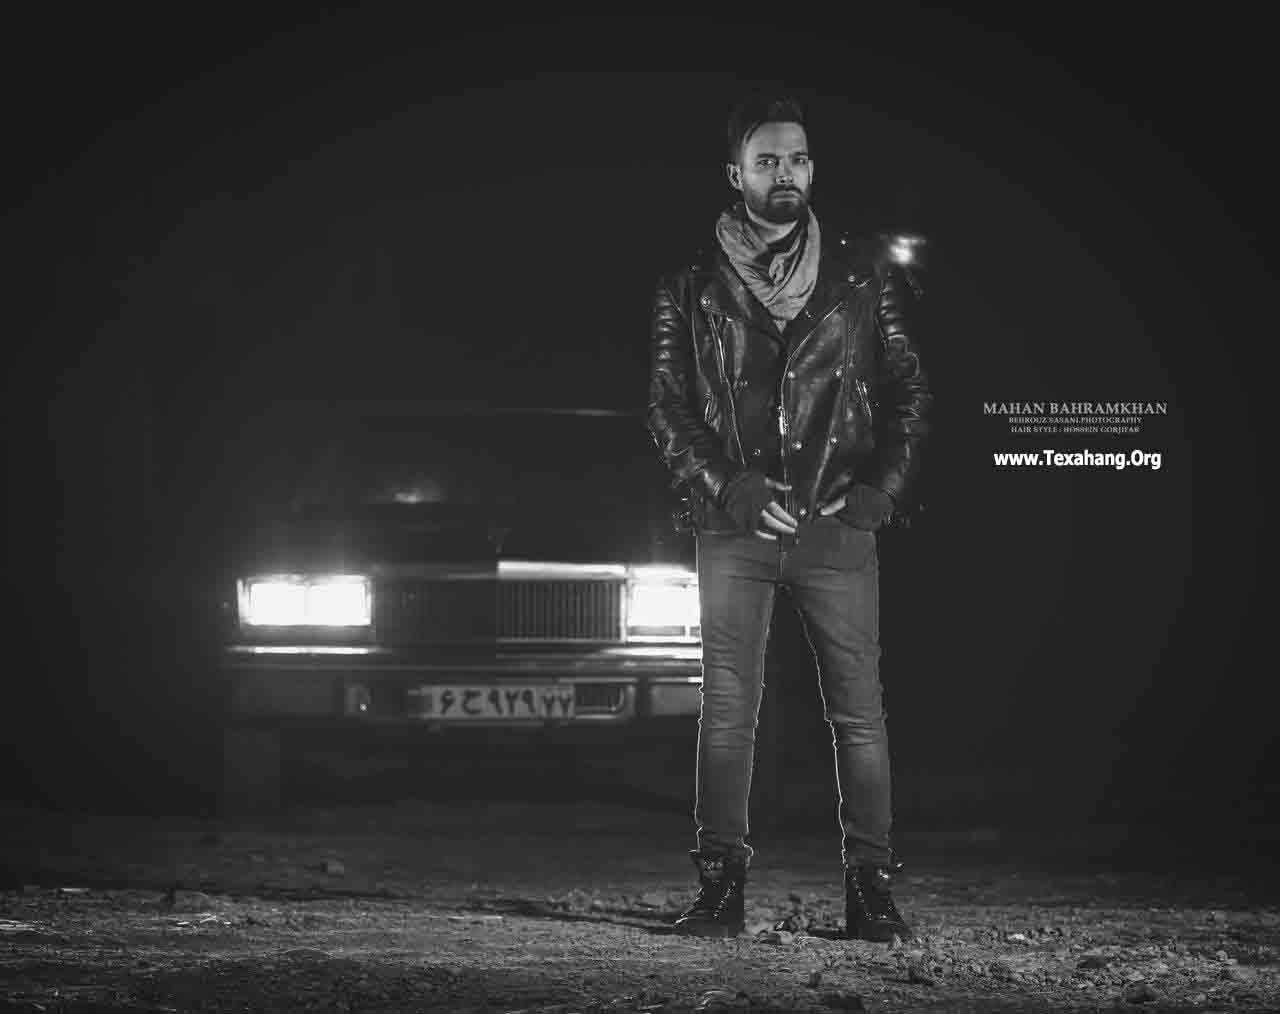 متن آهنگ جدید ترس از ماهان بهرامخان